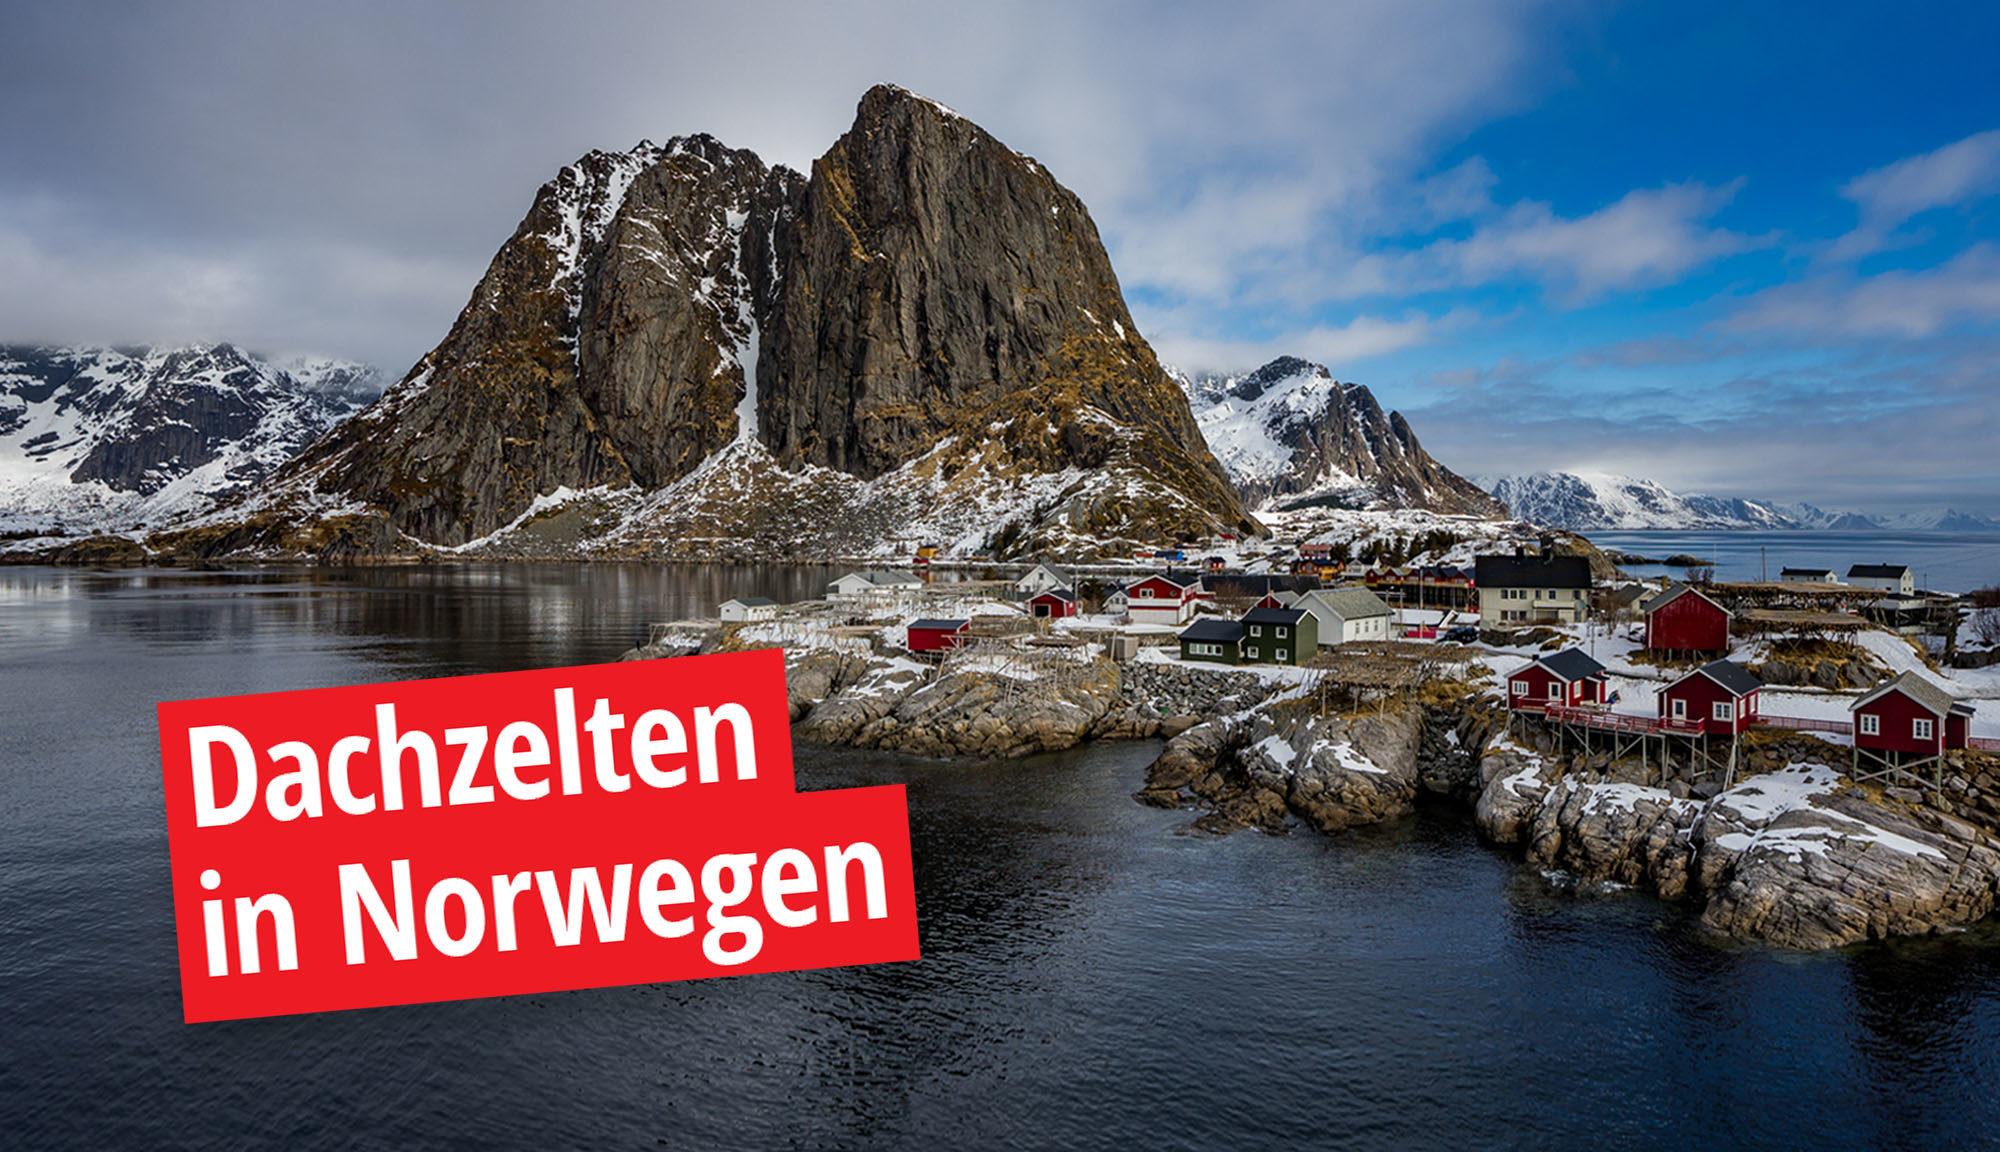 Mit Dem Dachzelt Nach Norwegen Dachzeltnomaden